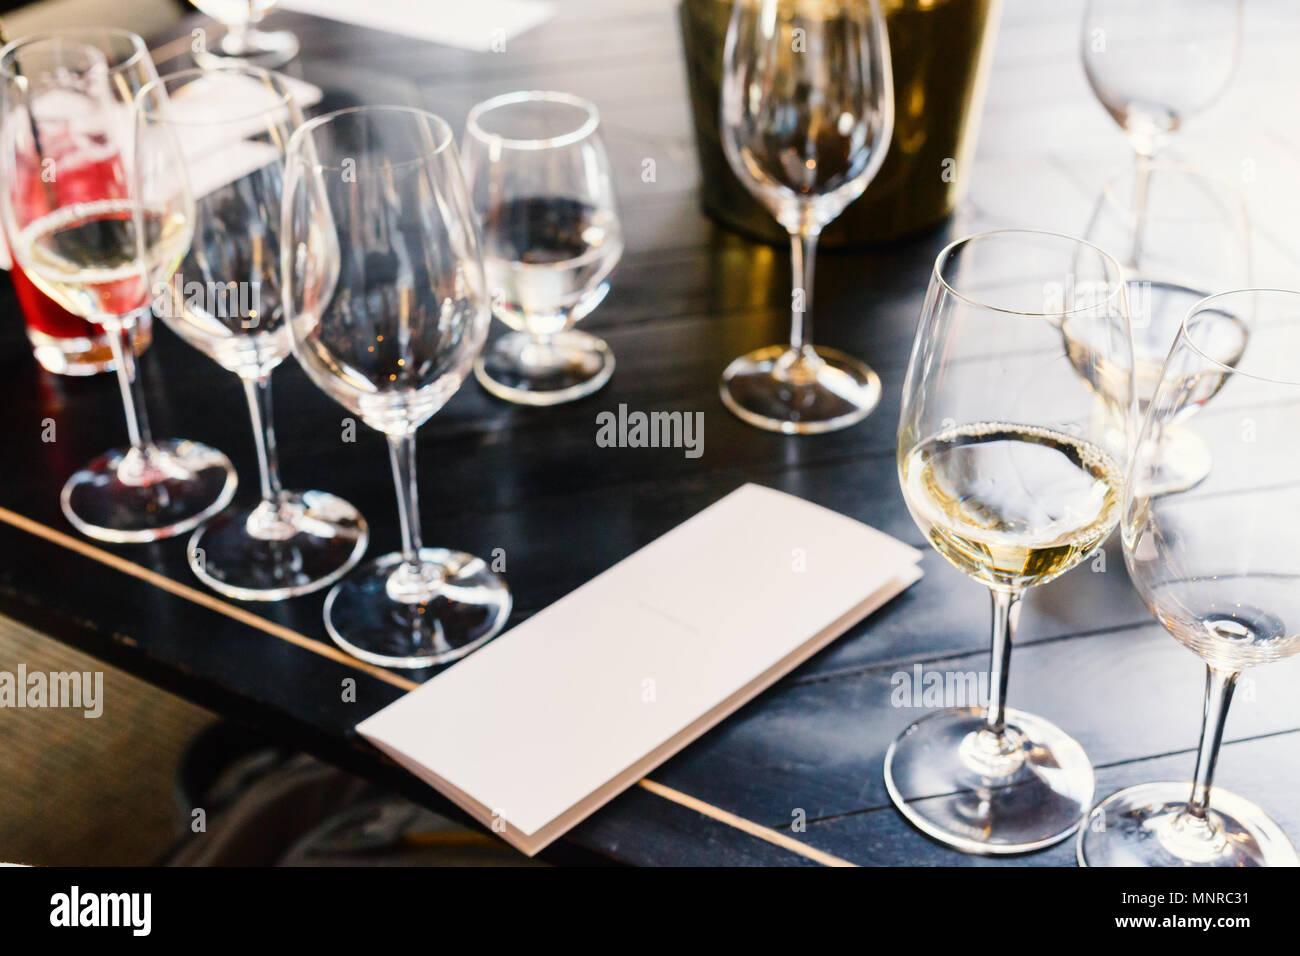 Cata de vinos en Sudáfrica estate en Western Cape región vitivinícola Imagen De Stock